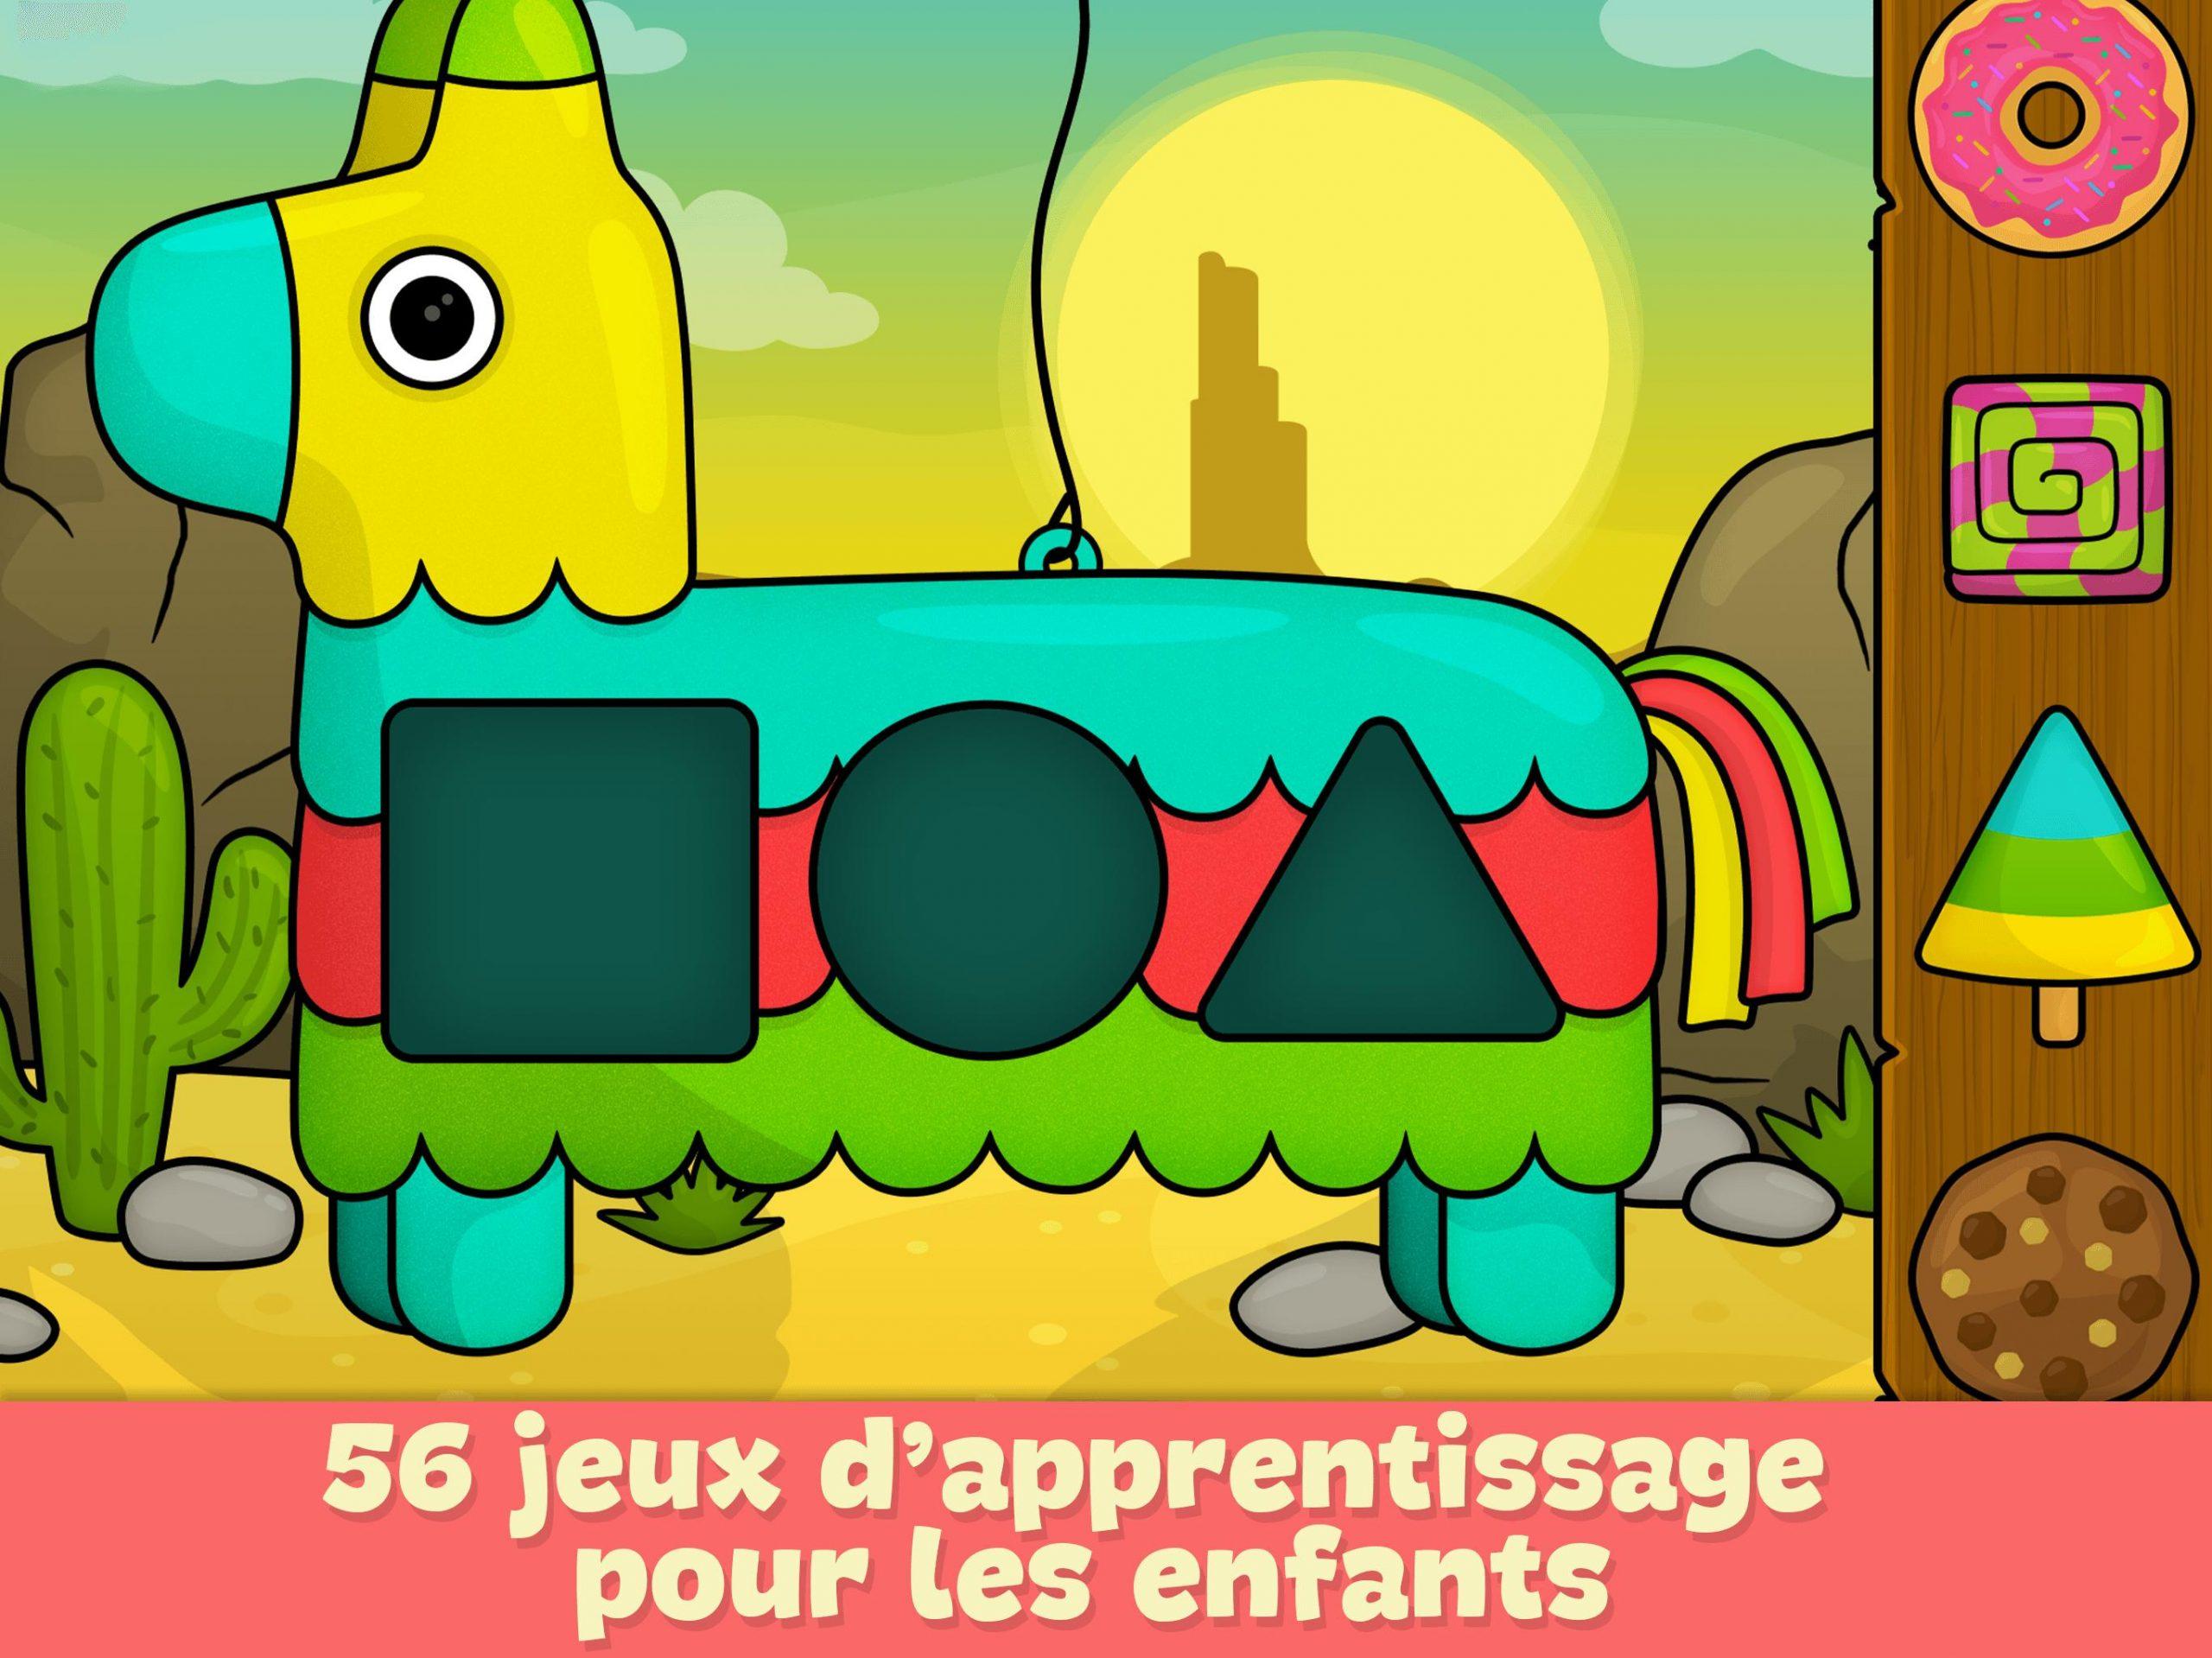 Jeux Pour Enfants 2 - 5 Ans Pour Android - Téléchargez L'apk concernant Jeux Pour Enfant De 5 Ans